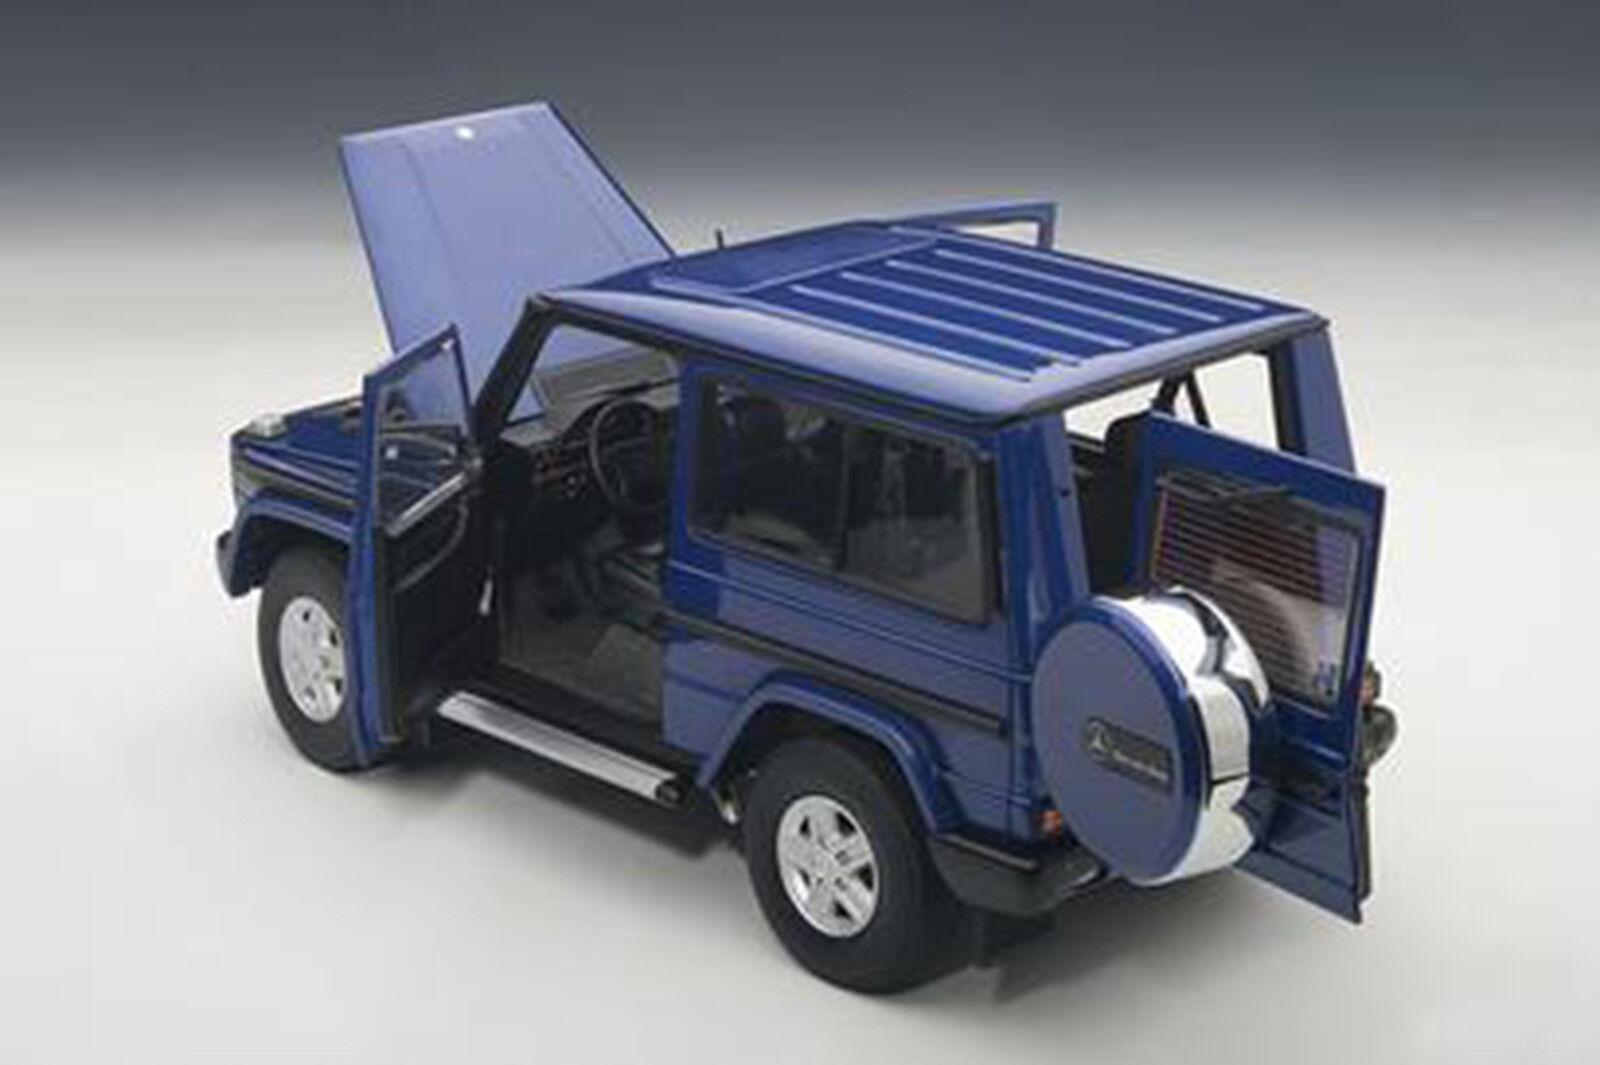 Autoart Mercedes Benz G Modèle 27.4mS Swb Bleu Couleur 1 18 Échelle Neuf   en